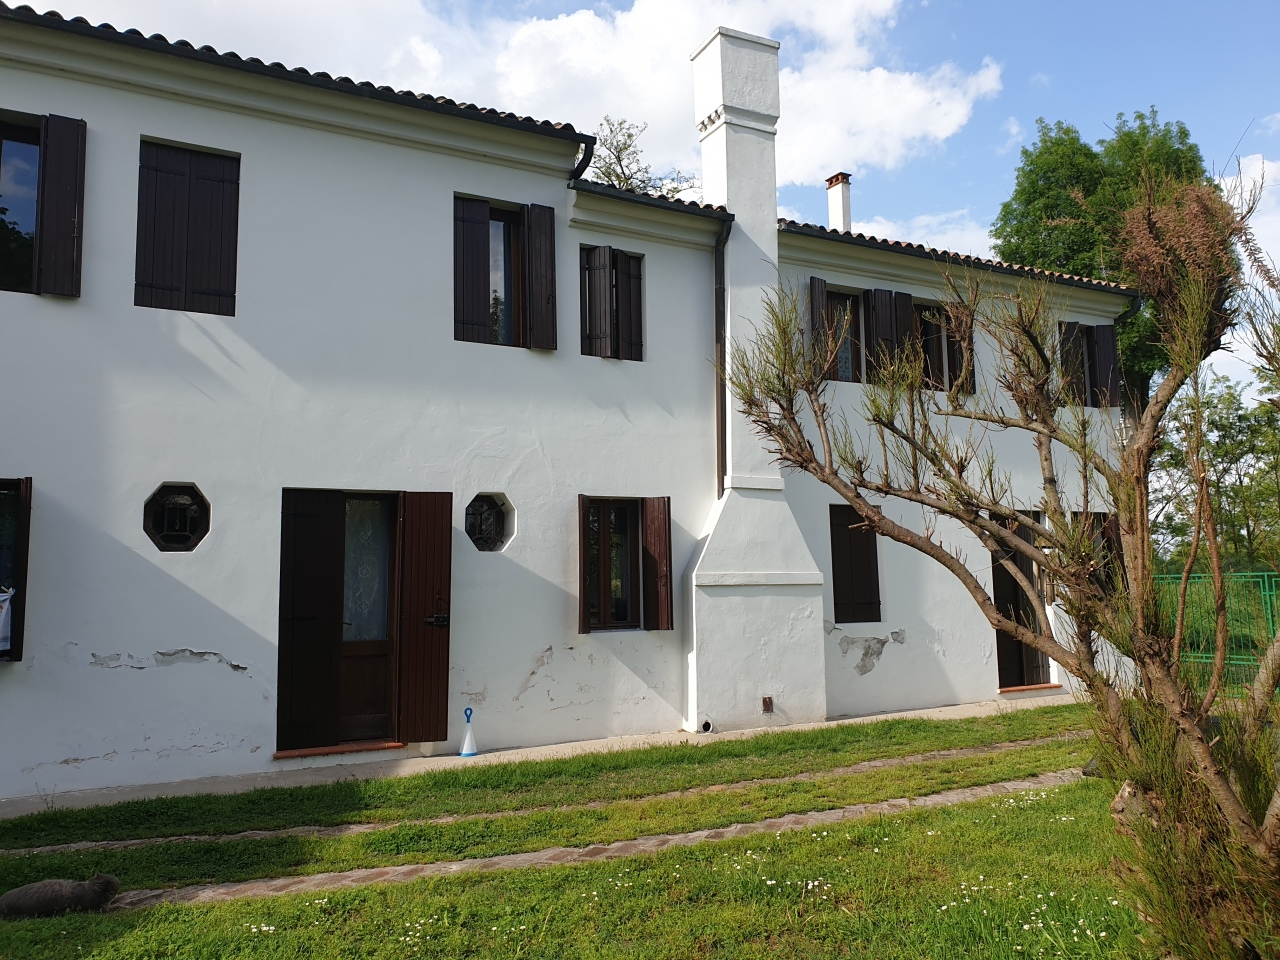 Soluzione Indipendente in vendita a Pontecchio Polesine, 7 locali, prezzo € 229.000 | CambioCasa.it